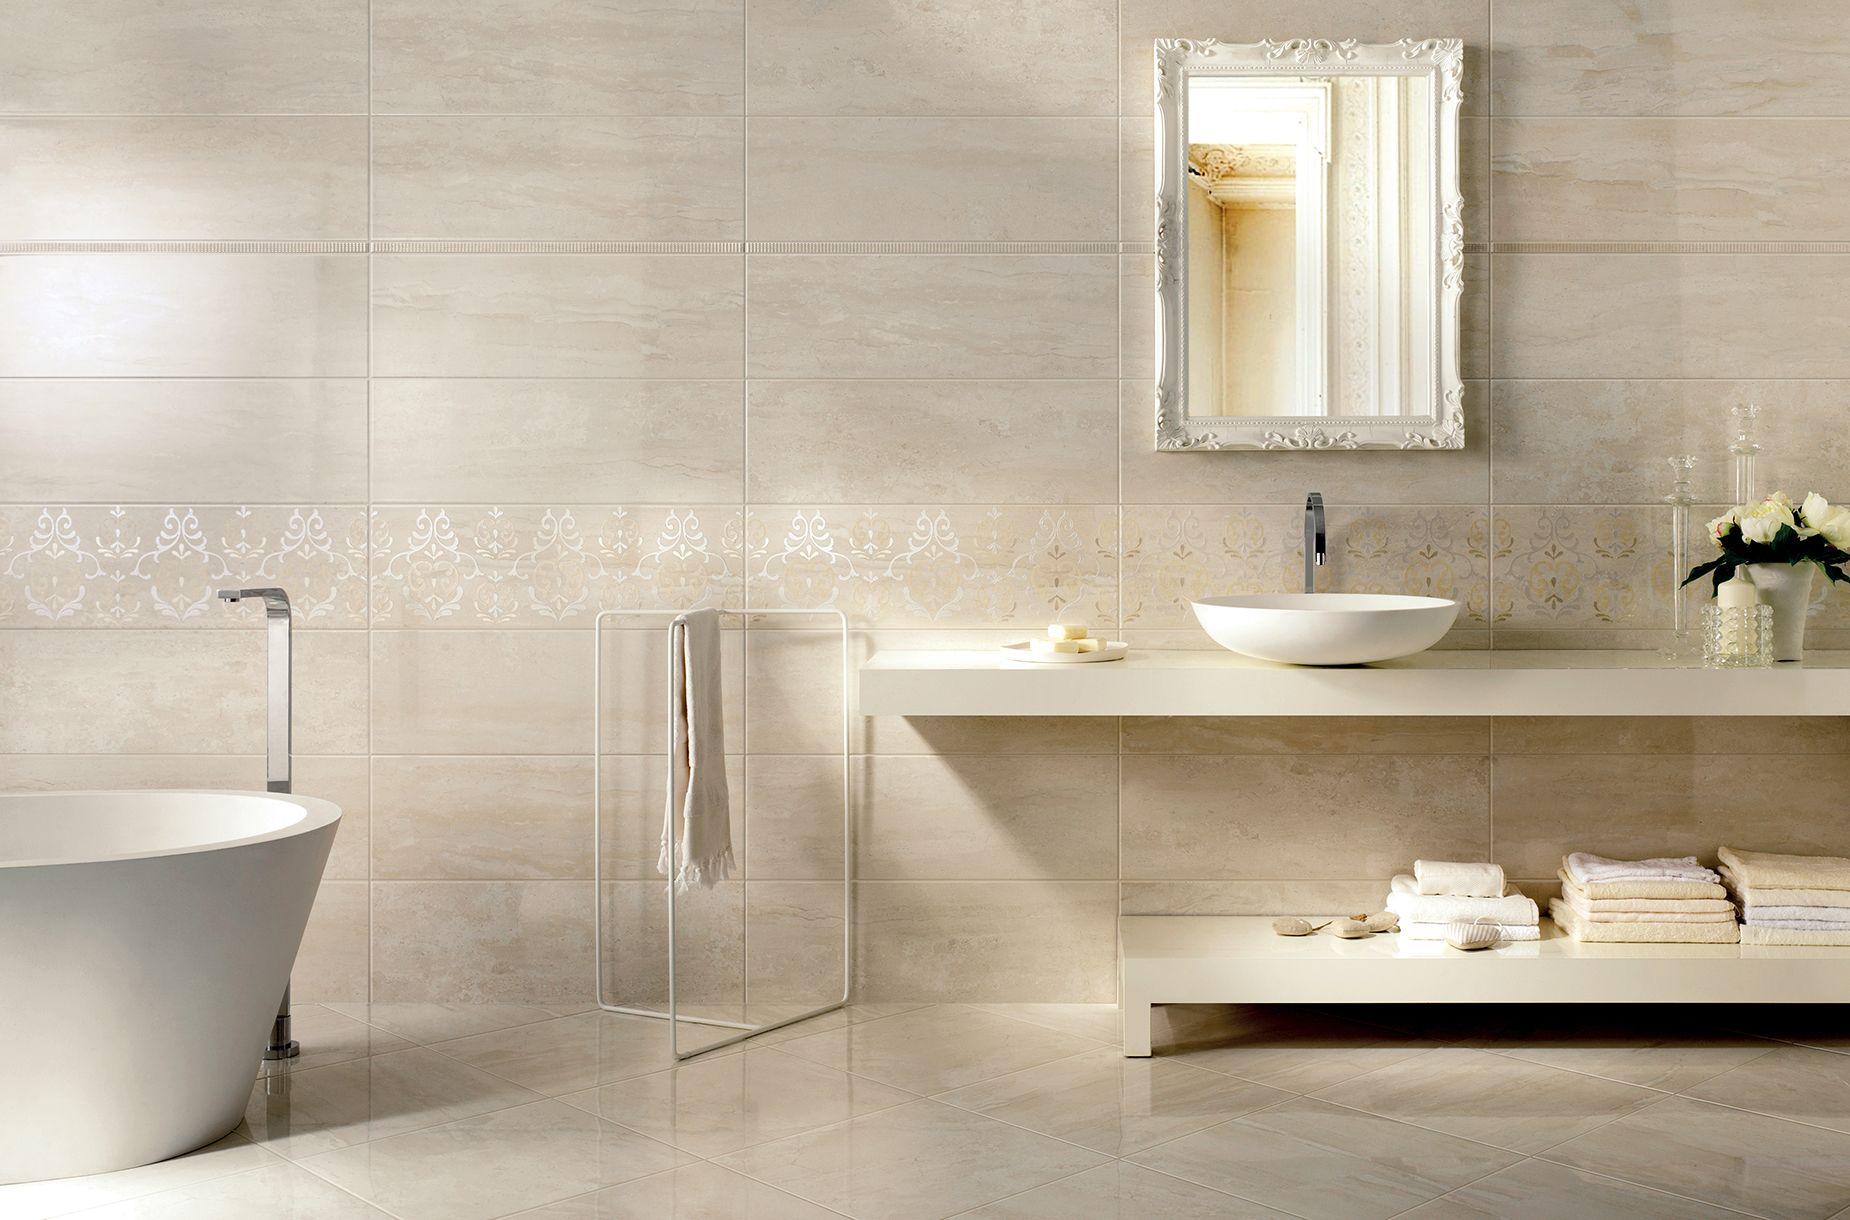 Risultati immagini per marmo decorazioni casa Marble Bathroom Decor ...